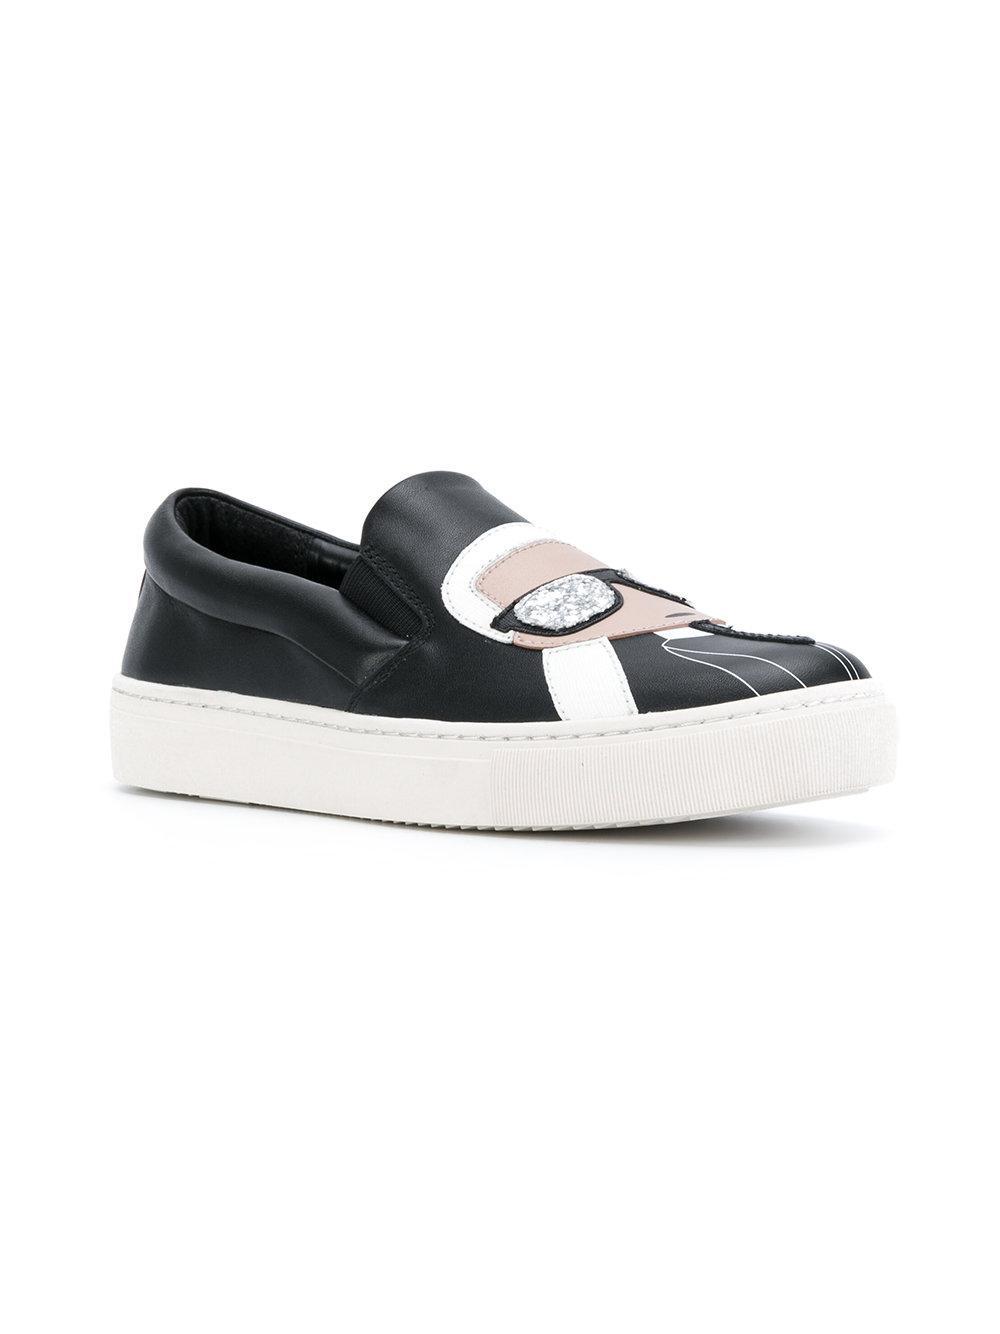 Karl Lagerfeld Leather Kupsole Karl Ikonic Sneakers in Black